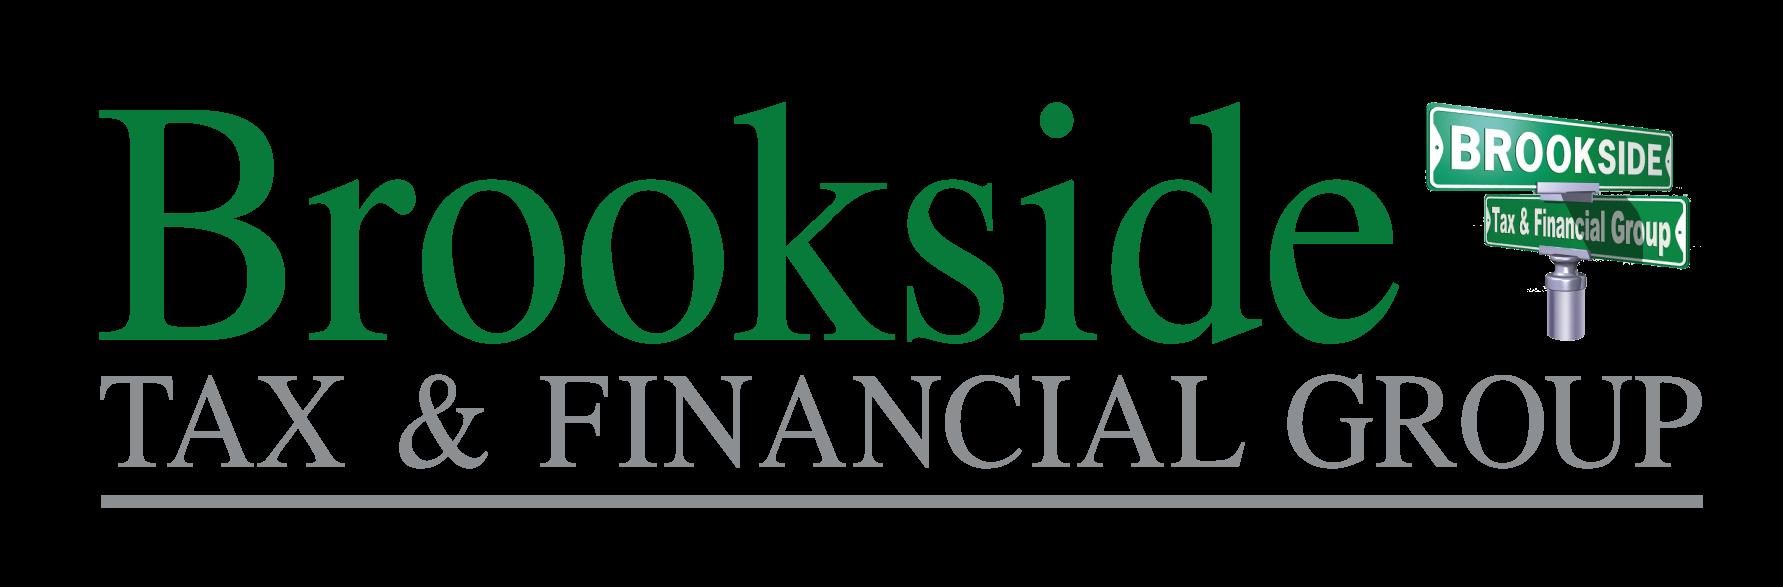 Brookside Tax & Financial Group, LLC